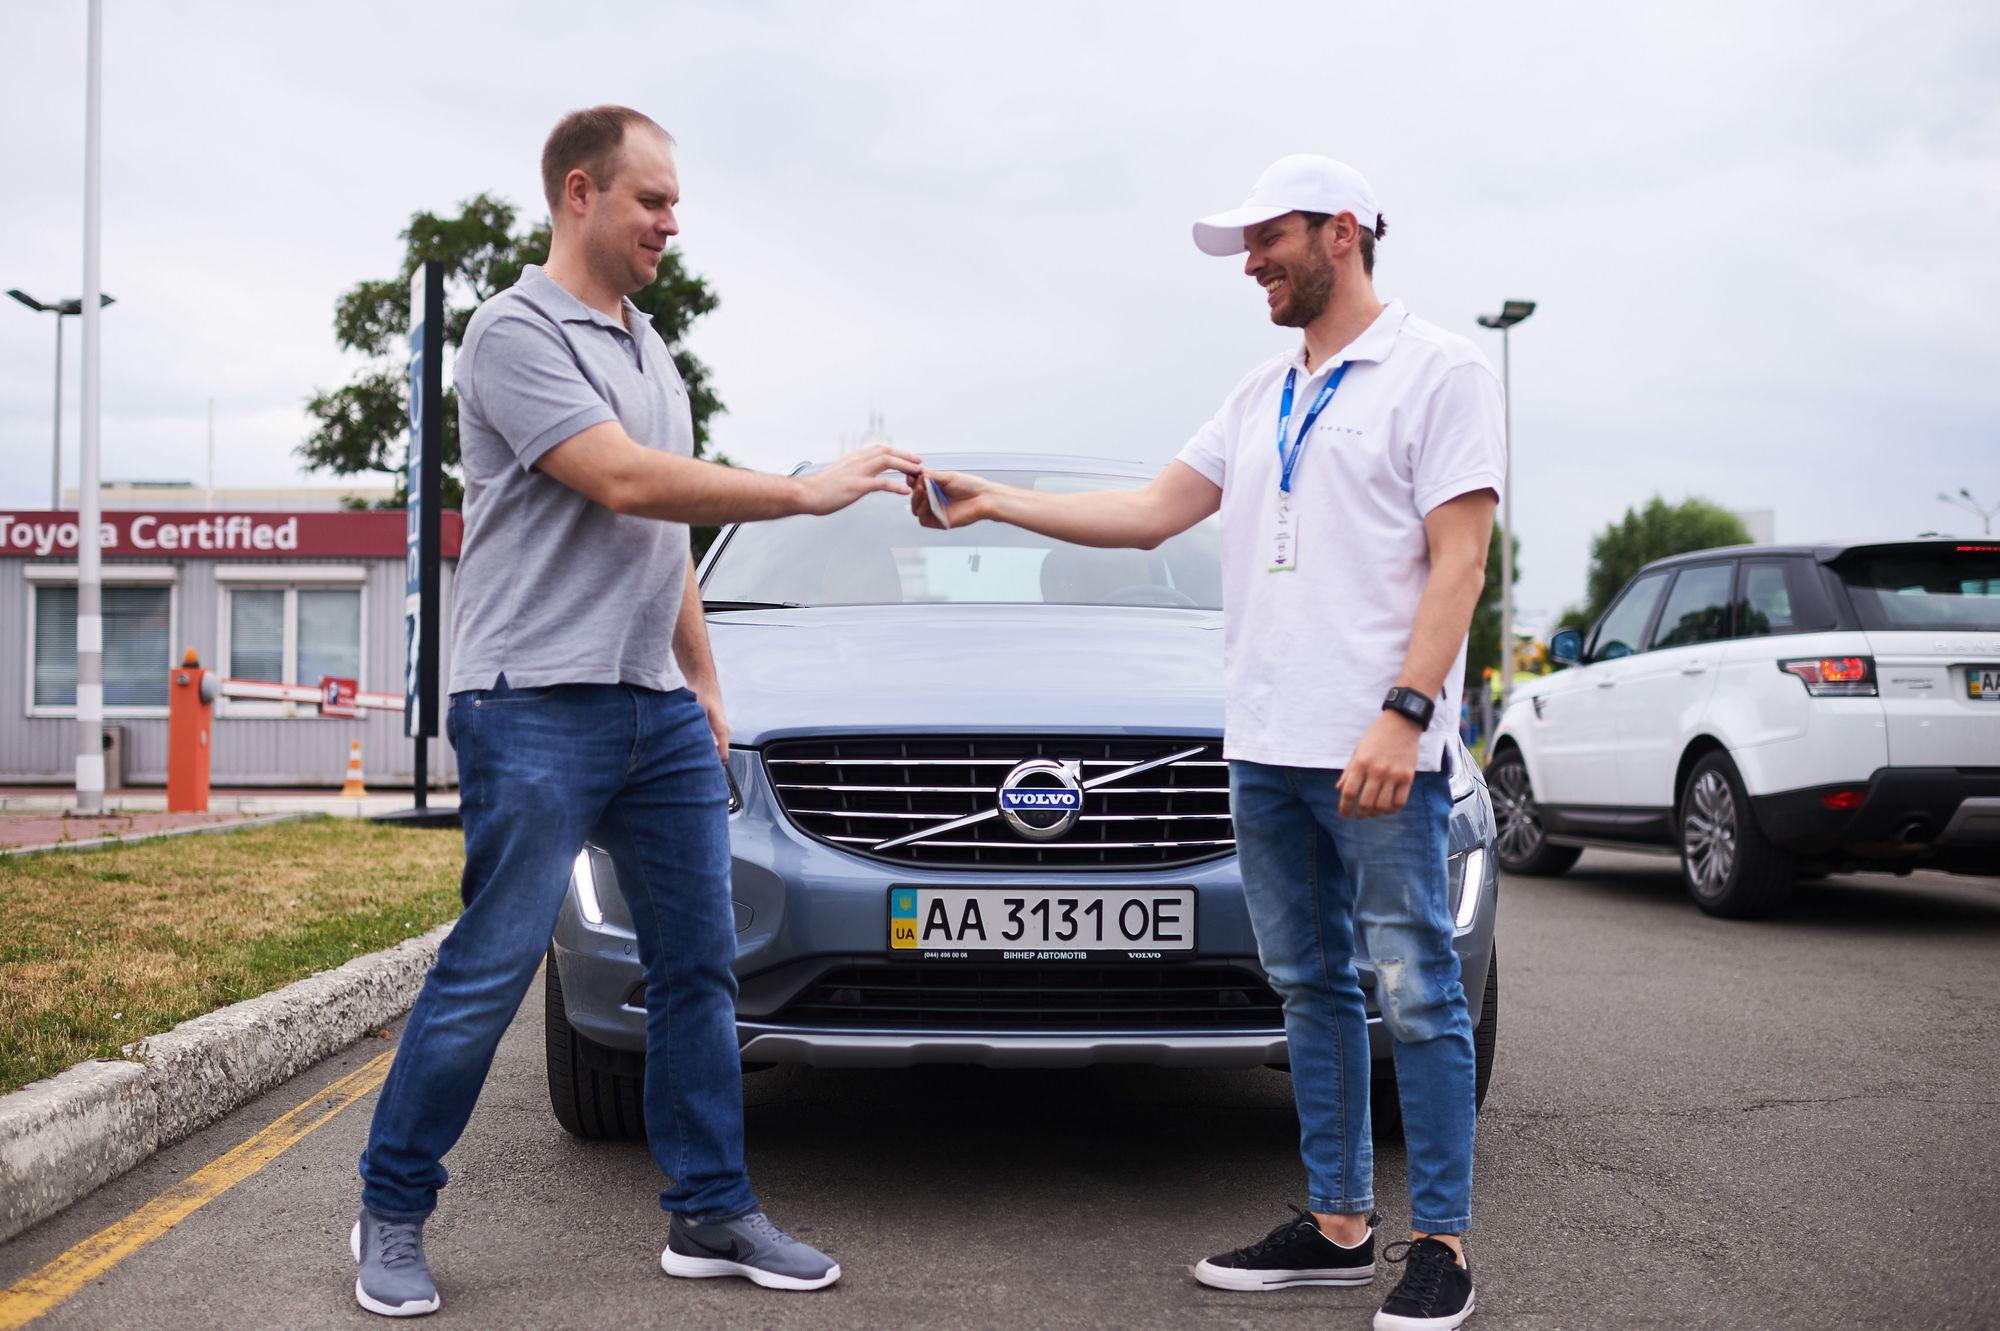 Winner Automotive Summer Time! - офіційний представник Winner в Україні